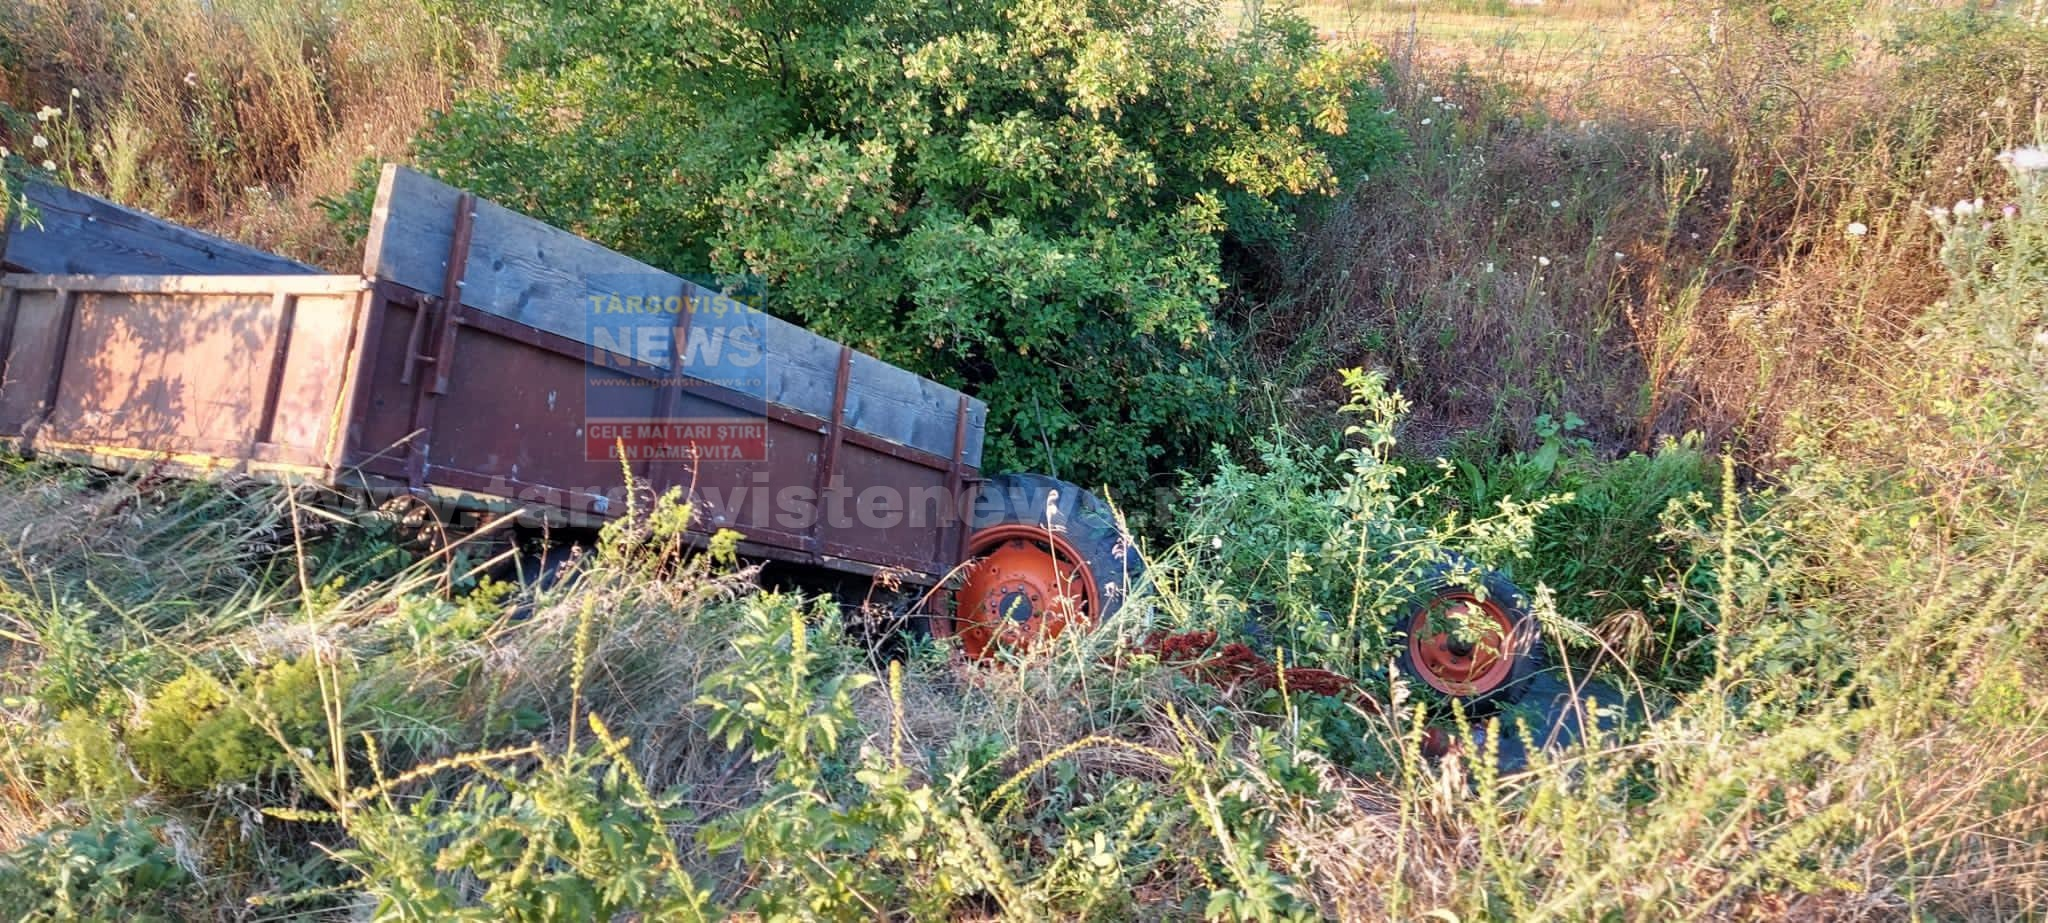 Sfârşit îngrozitor pentru un bărbat de 42 de ani, din Ungureni, Corbii Mari, găsit strivit sub tractorul său